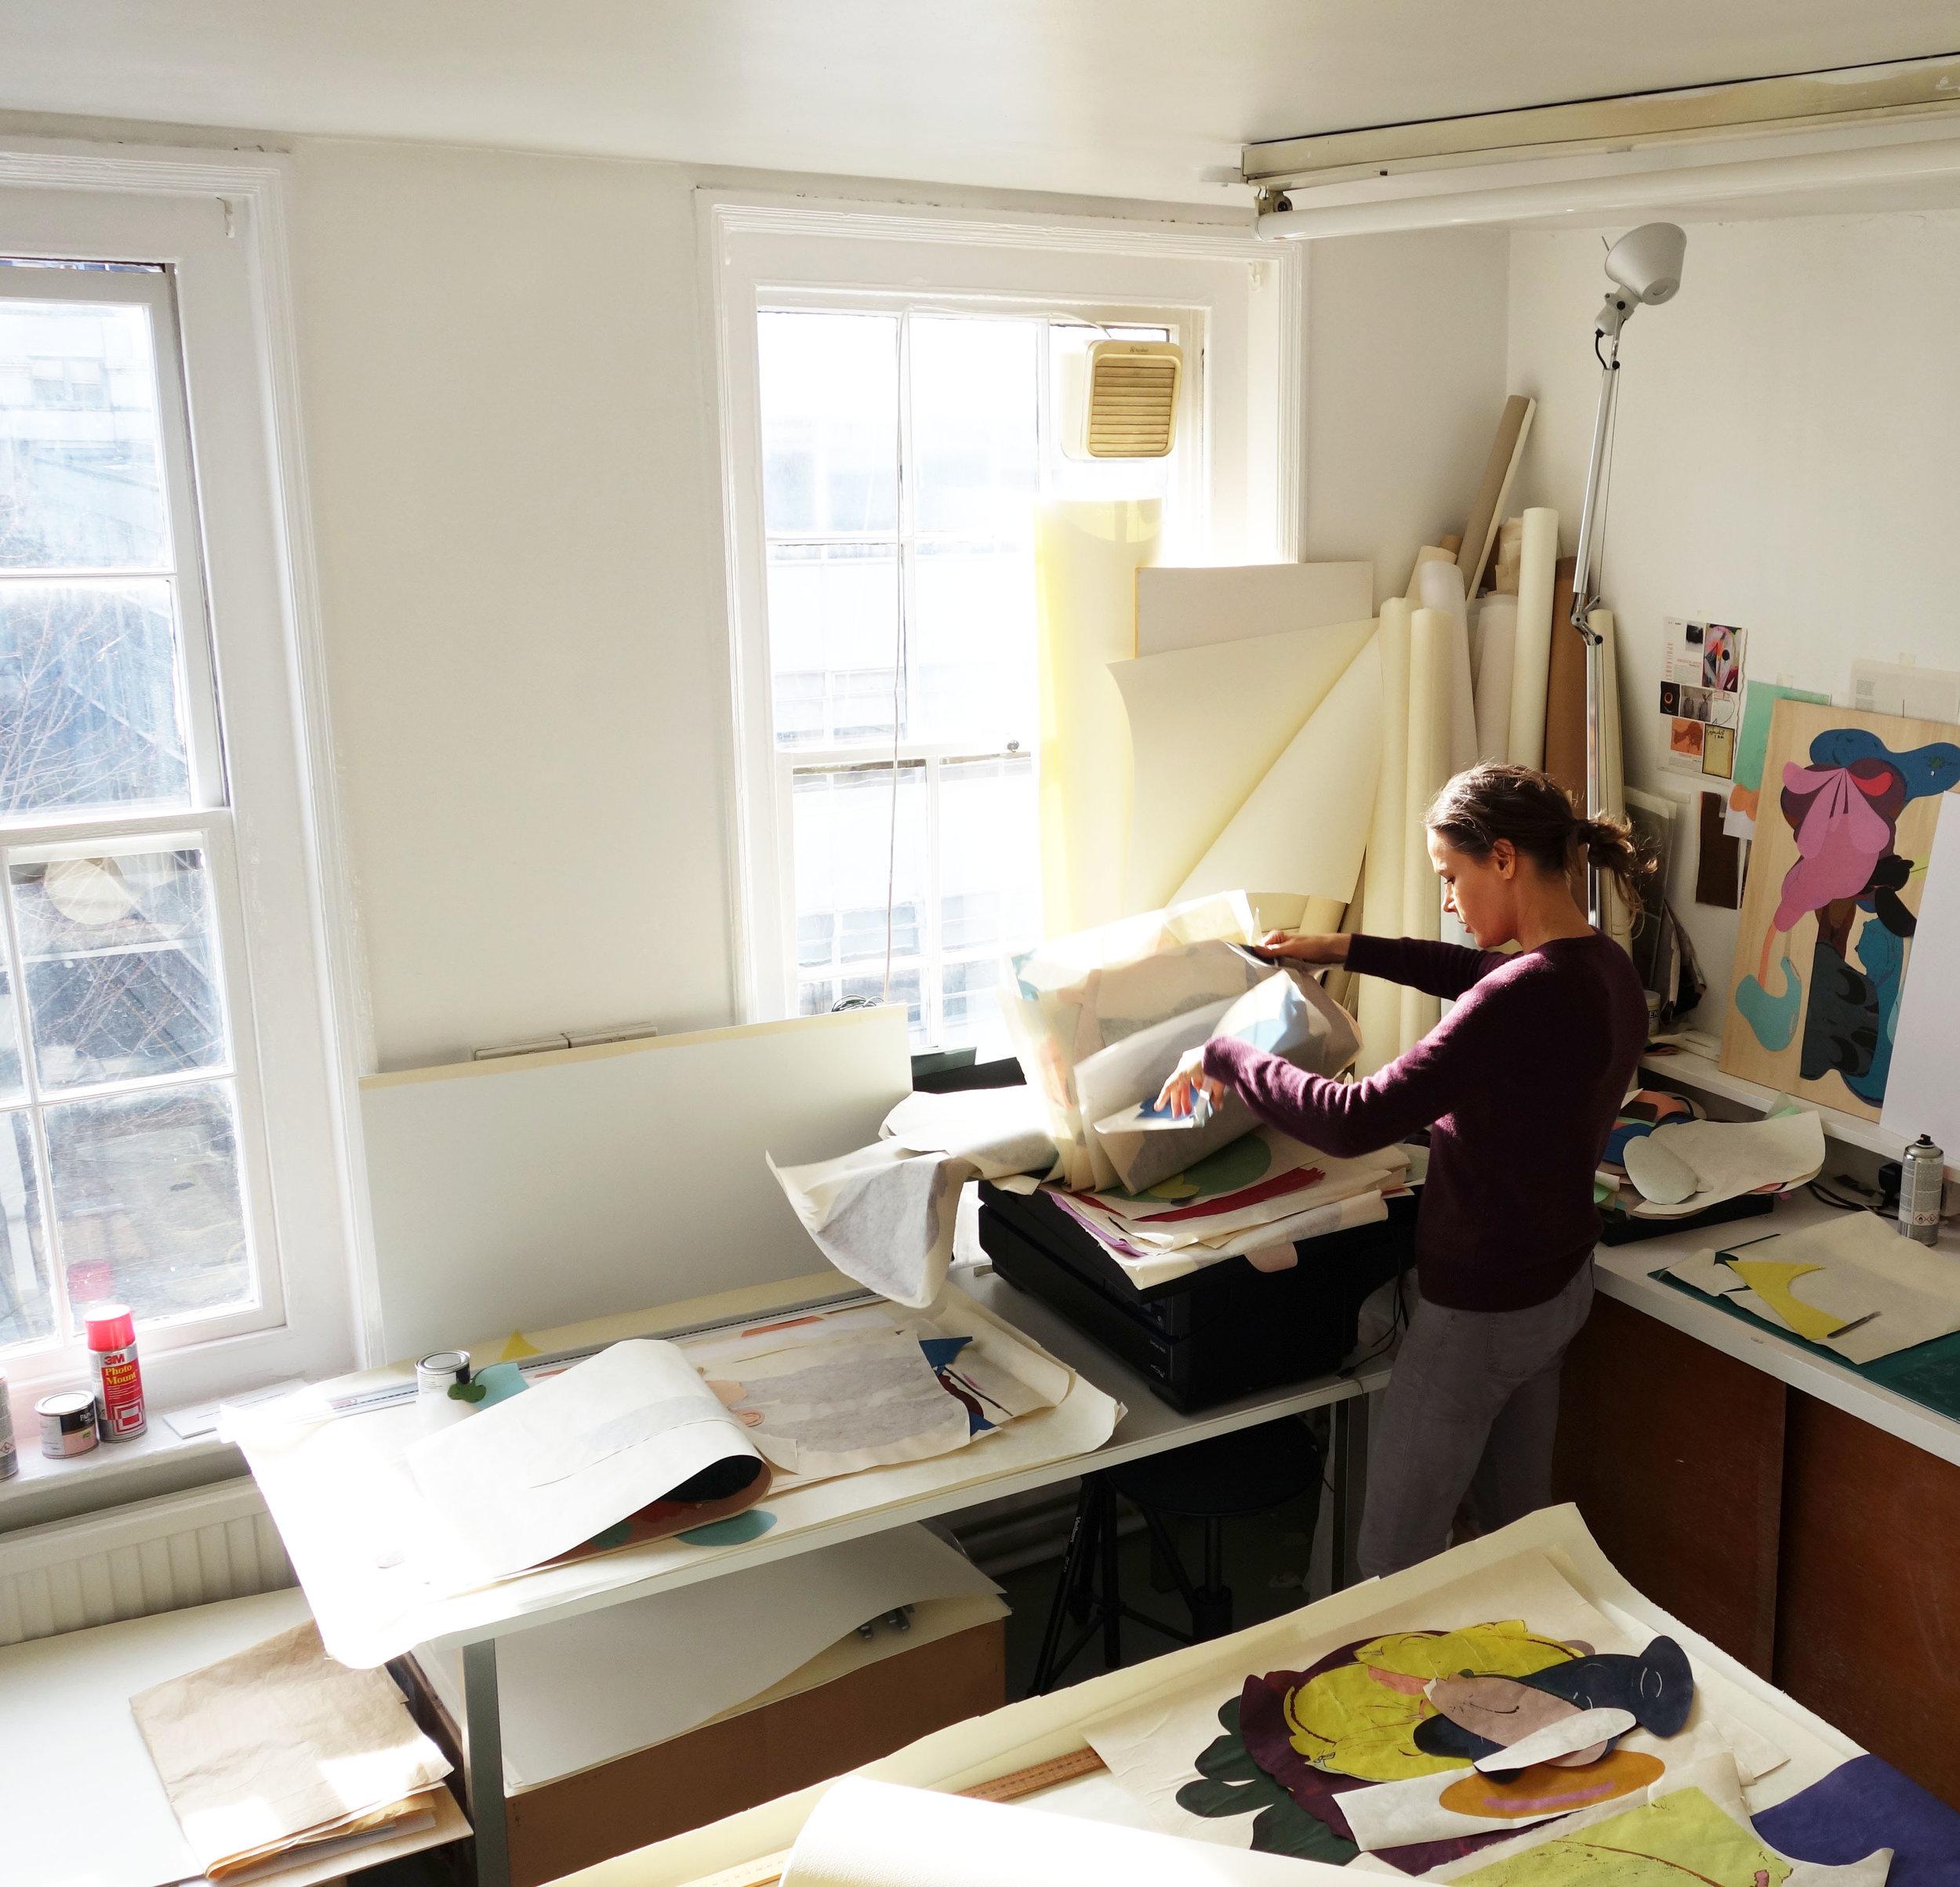 Katja in her Studio in Hackney, London